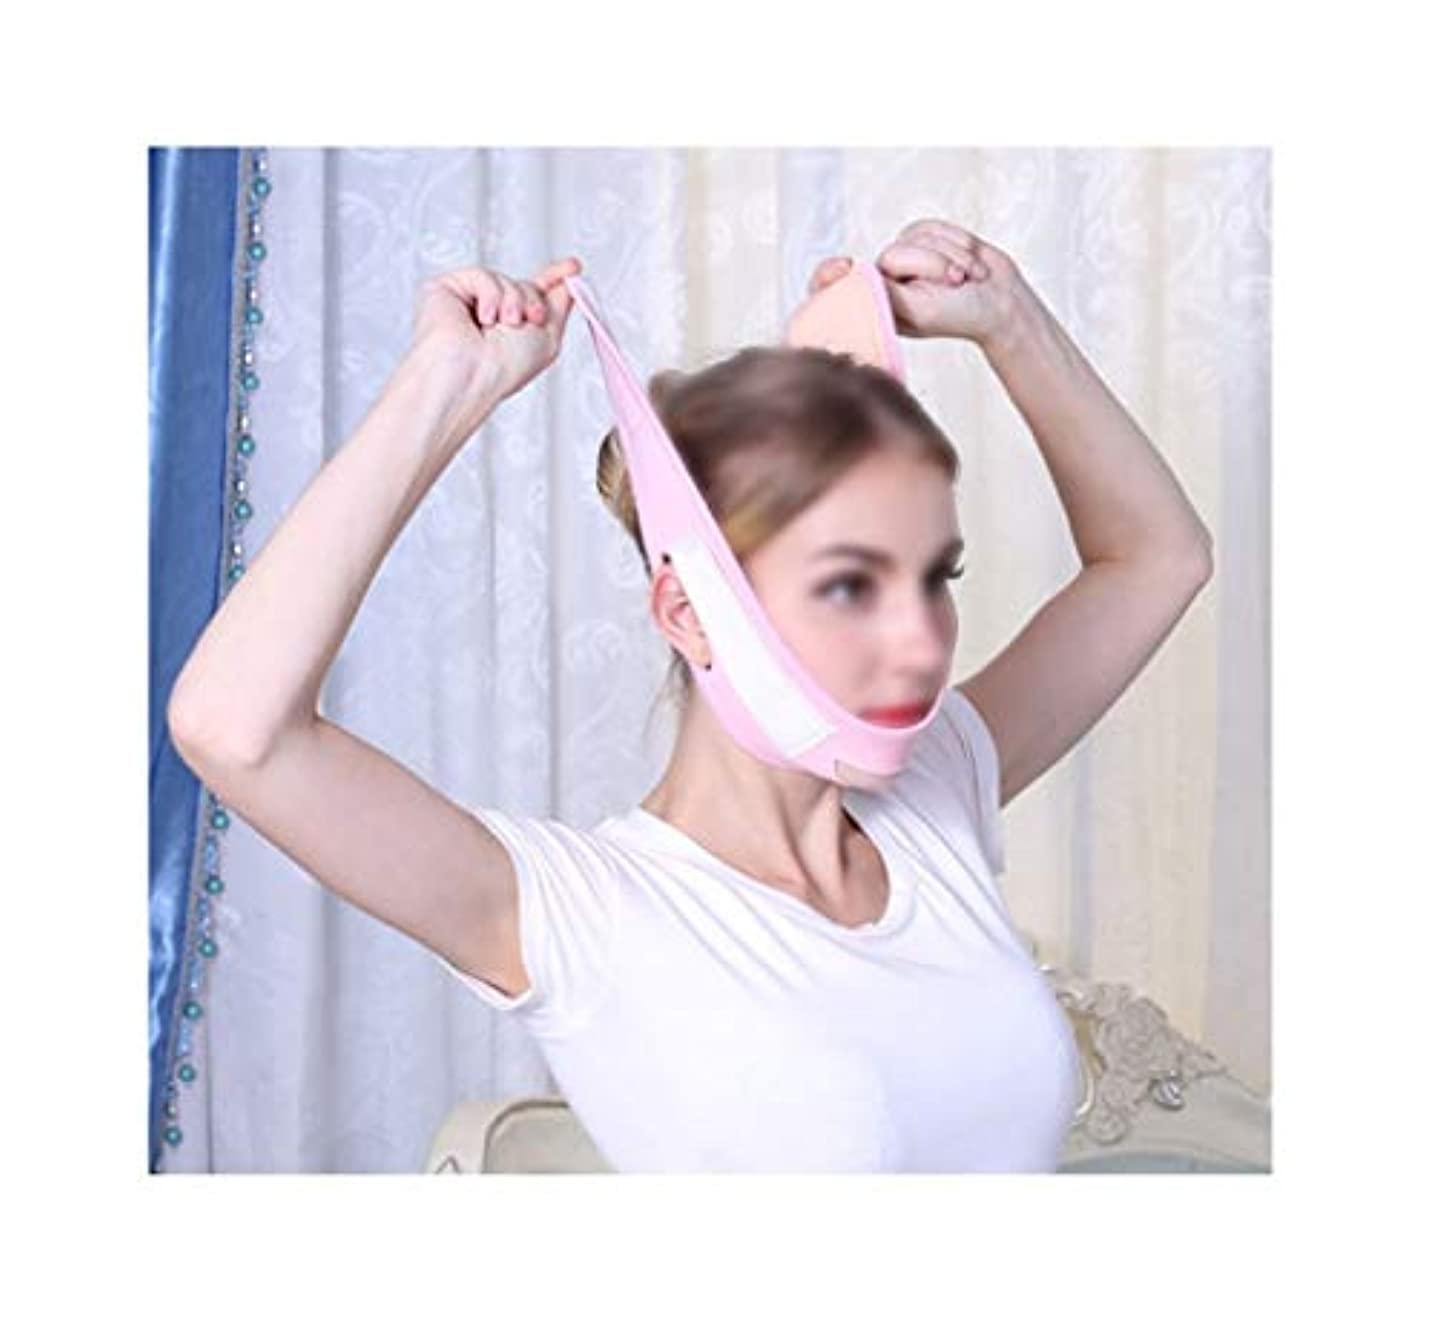 小さな怒ってブランド名薄いフェイスベルト、Vフェイス包帯からダブルチンデクリーマスクリフティングファーミングスリープマスク、2色オプション (Color : Pink)